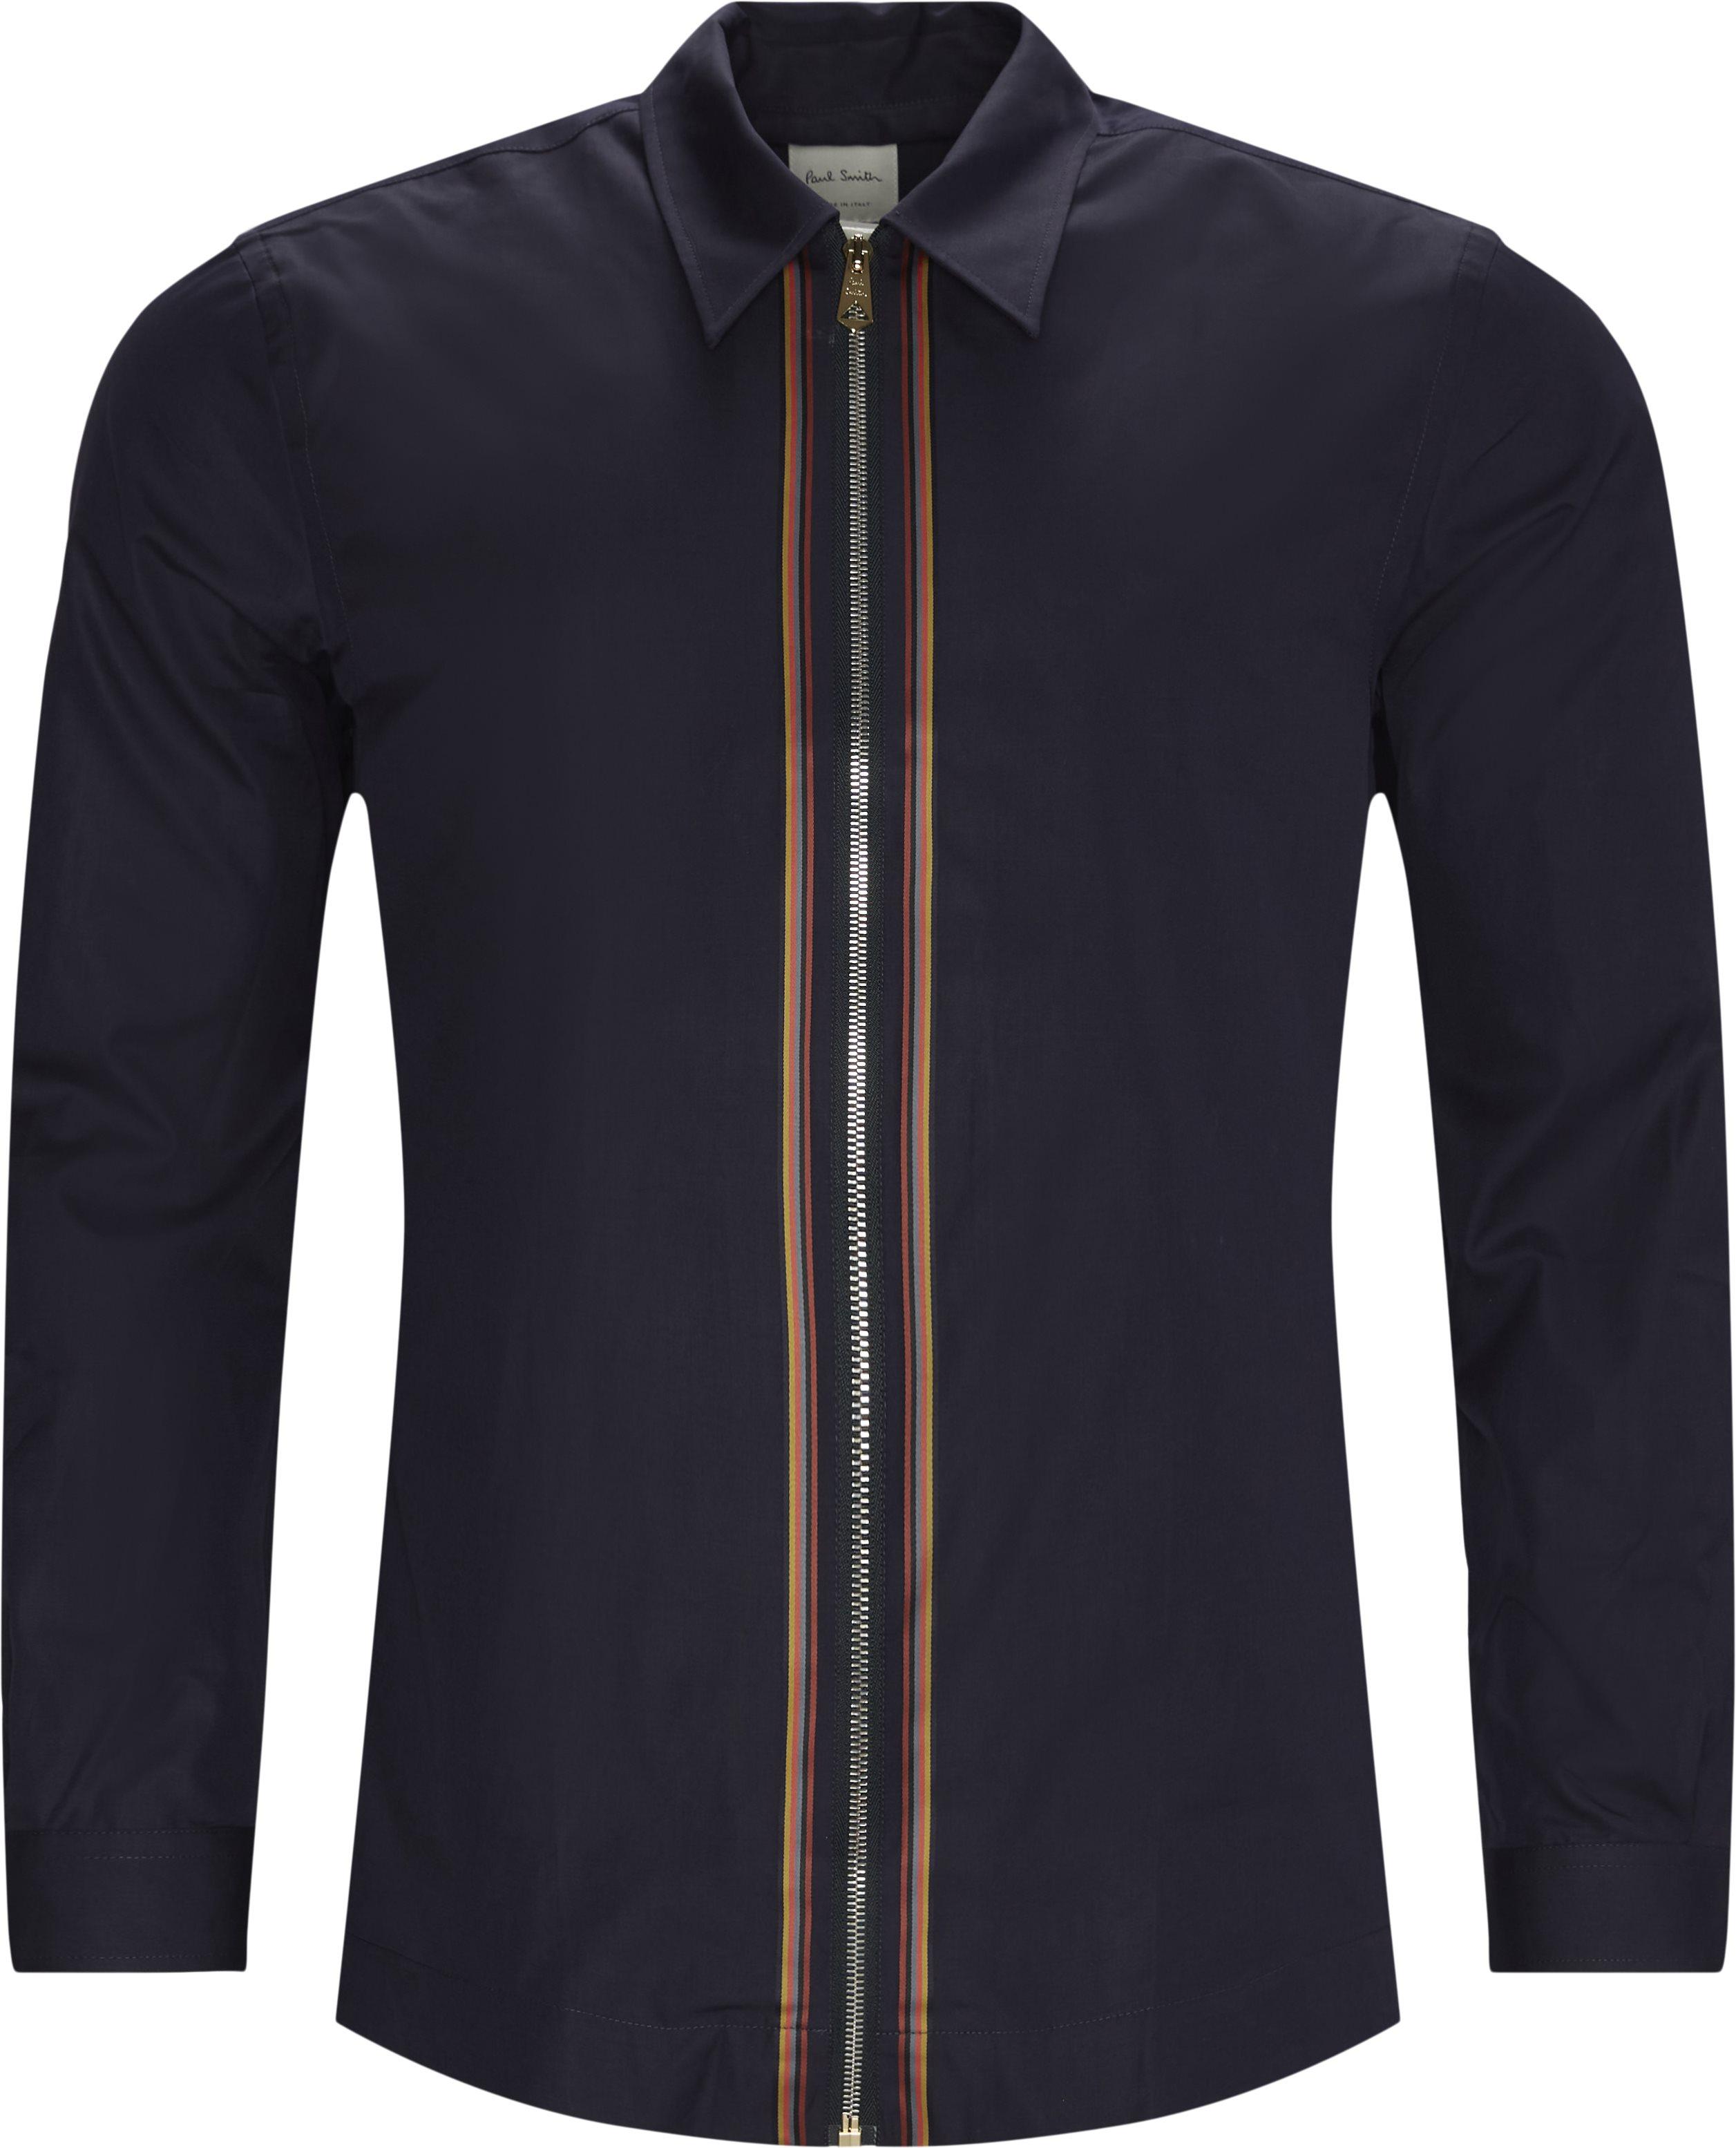 Skjorte - Skjorter - Regular fit - Blå